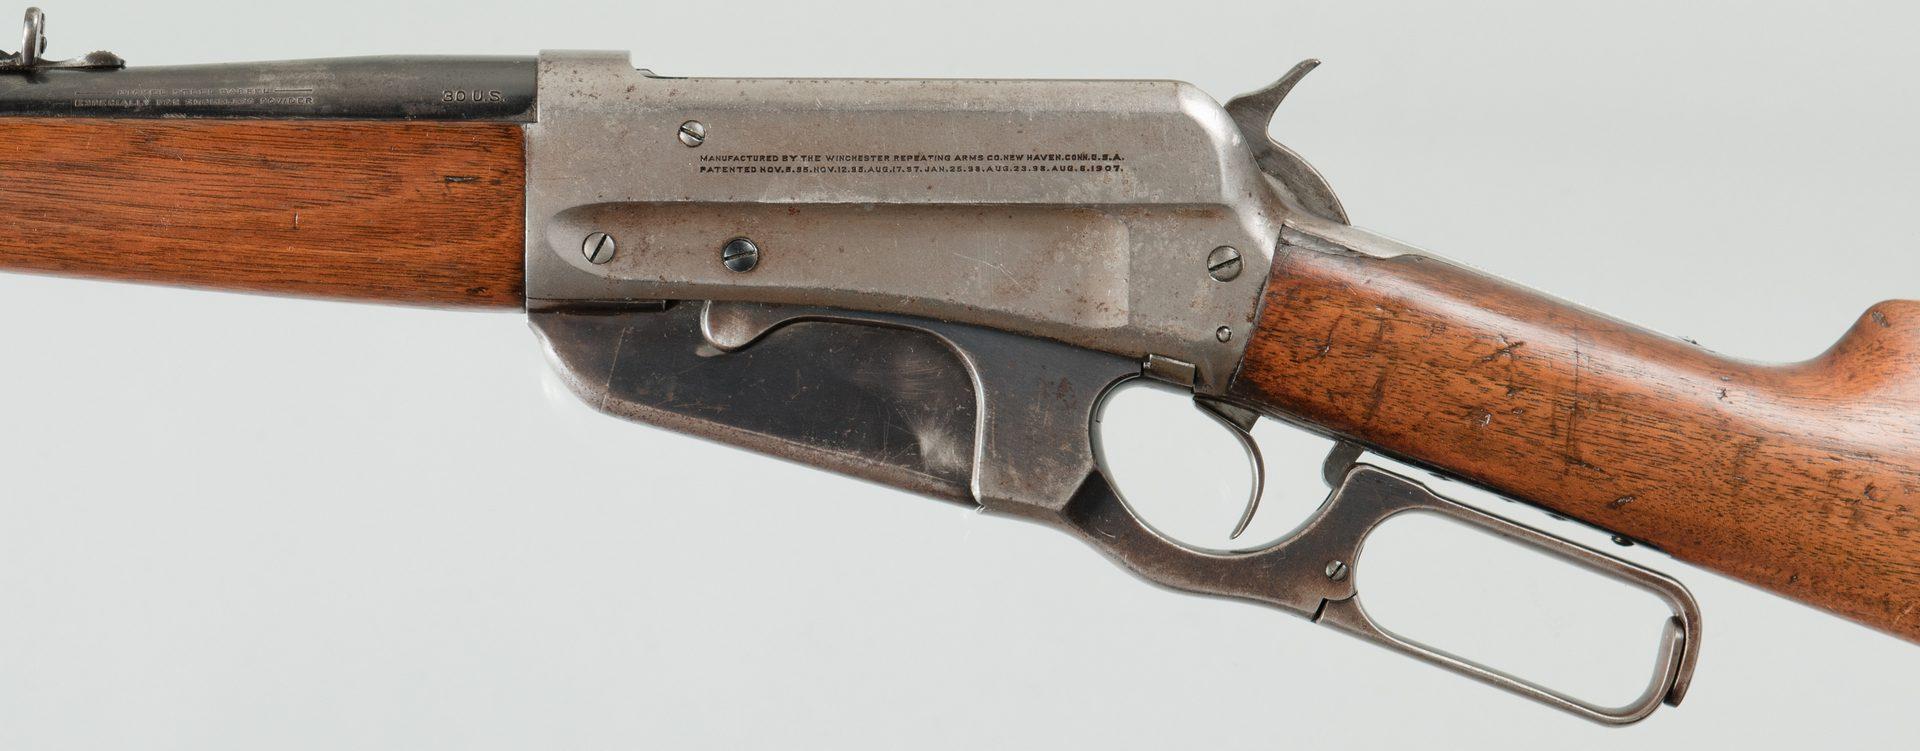 Lot 808: Winchester Model 1895, 30-40 Krag Lever Action Rif